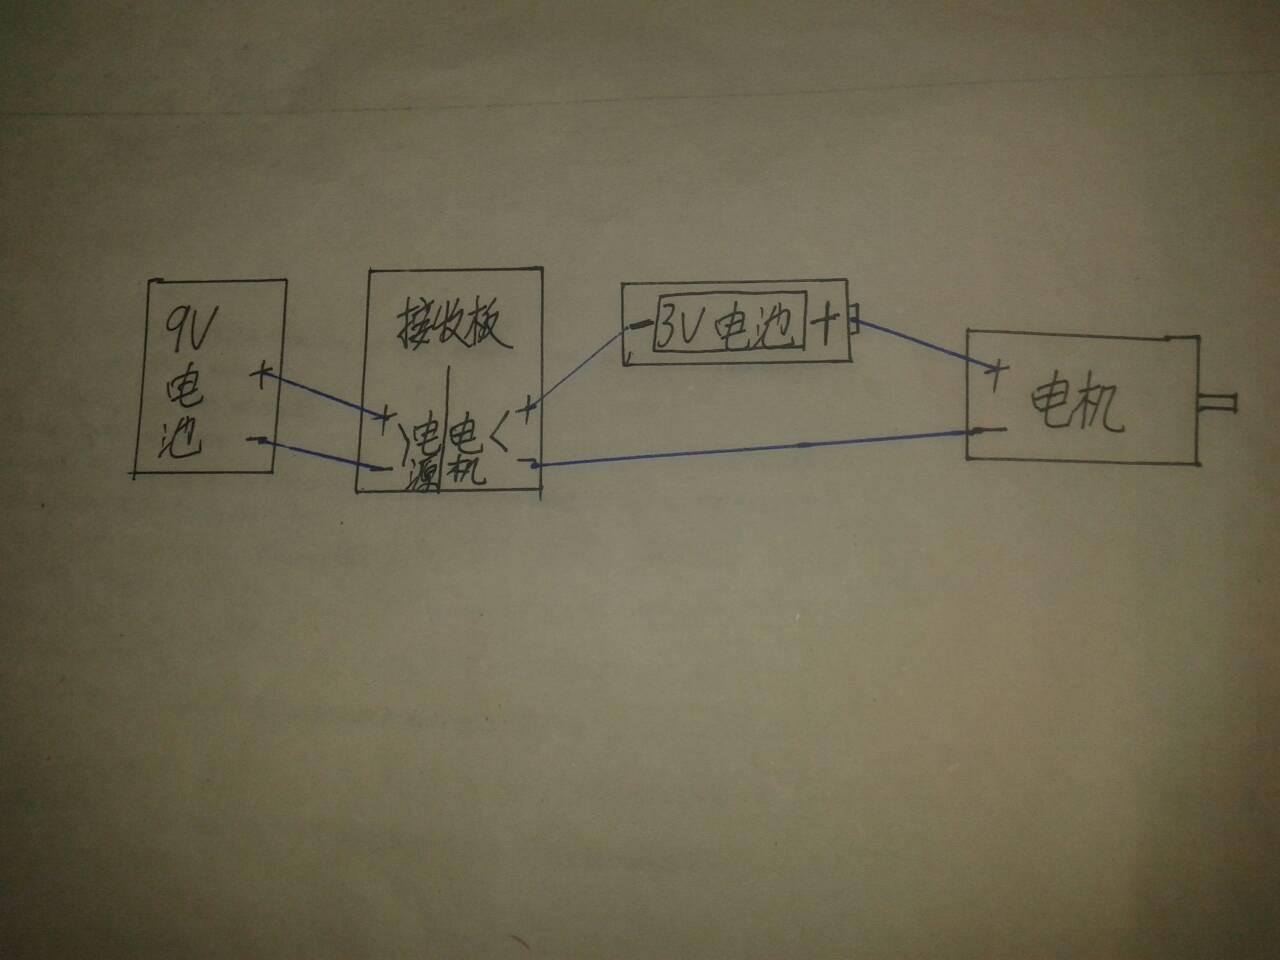 我想把遥控车按照这个电路图改造,不会弄坏电路板吧?